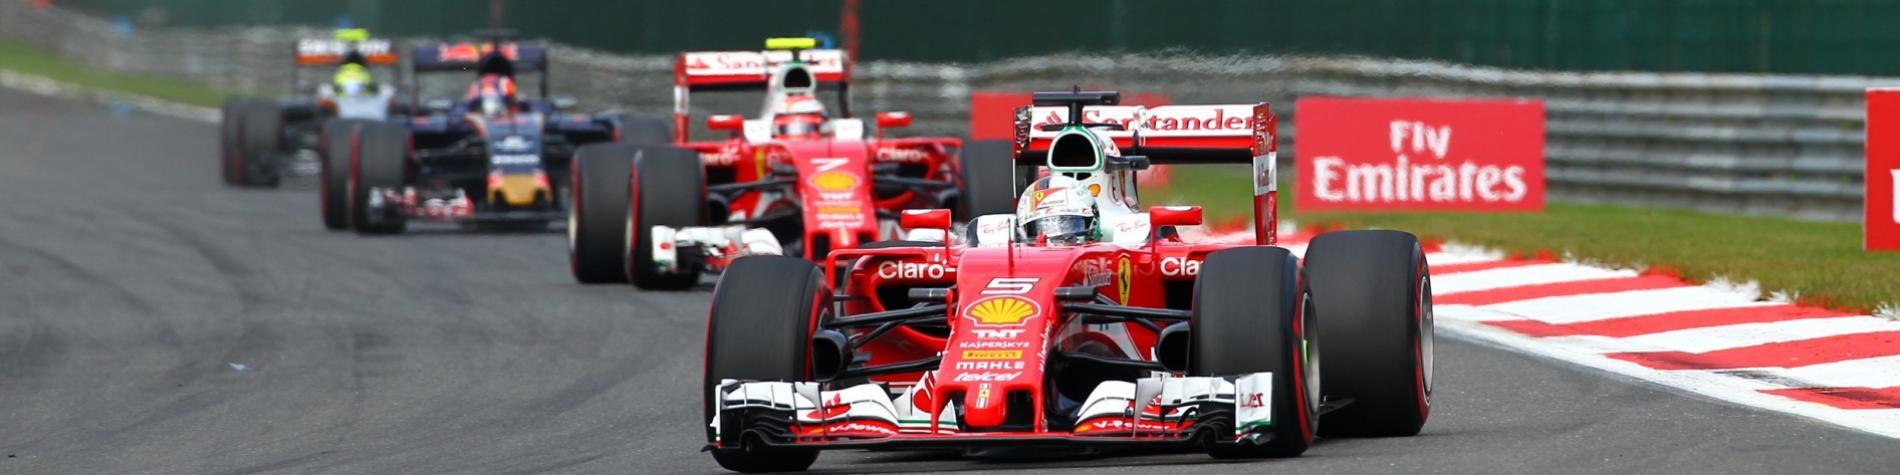 Spa Grand Prix 09